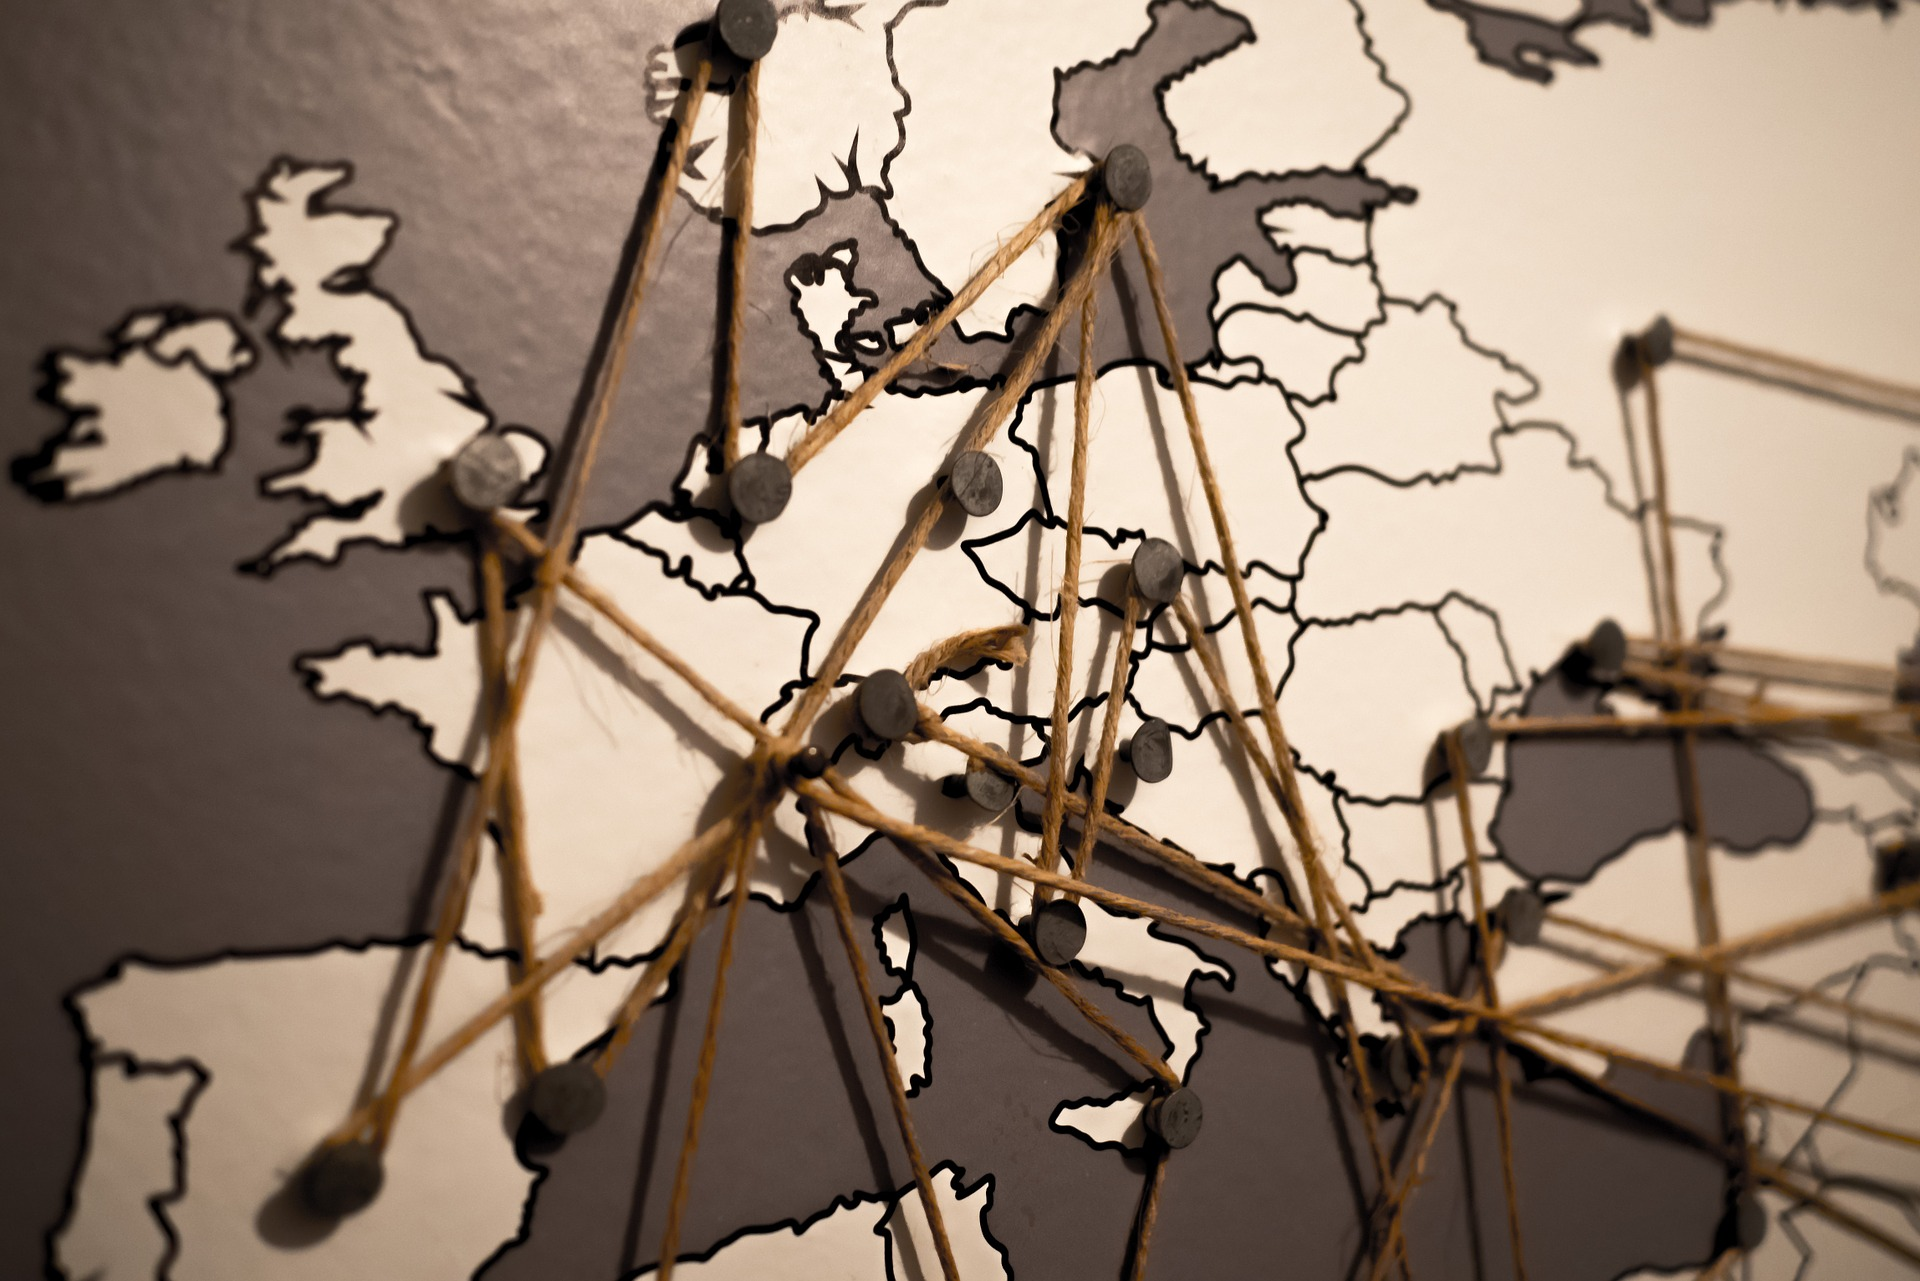 Choć to kontynent, na którym mieszkamy, to w rzeczywistości jest to wiele krajów o własnej tożsamości, innej niż ta polska. Ile tak naprawdę wiemy o Europie?